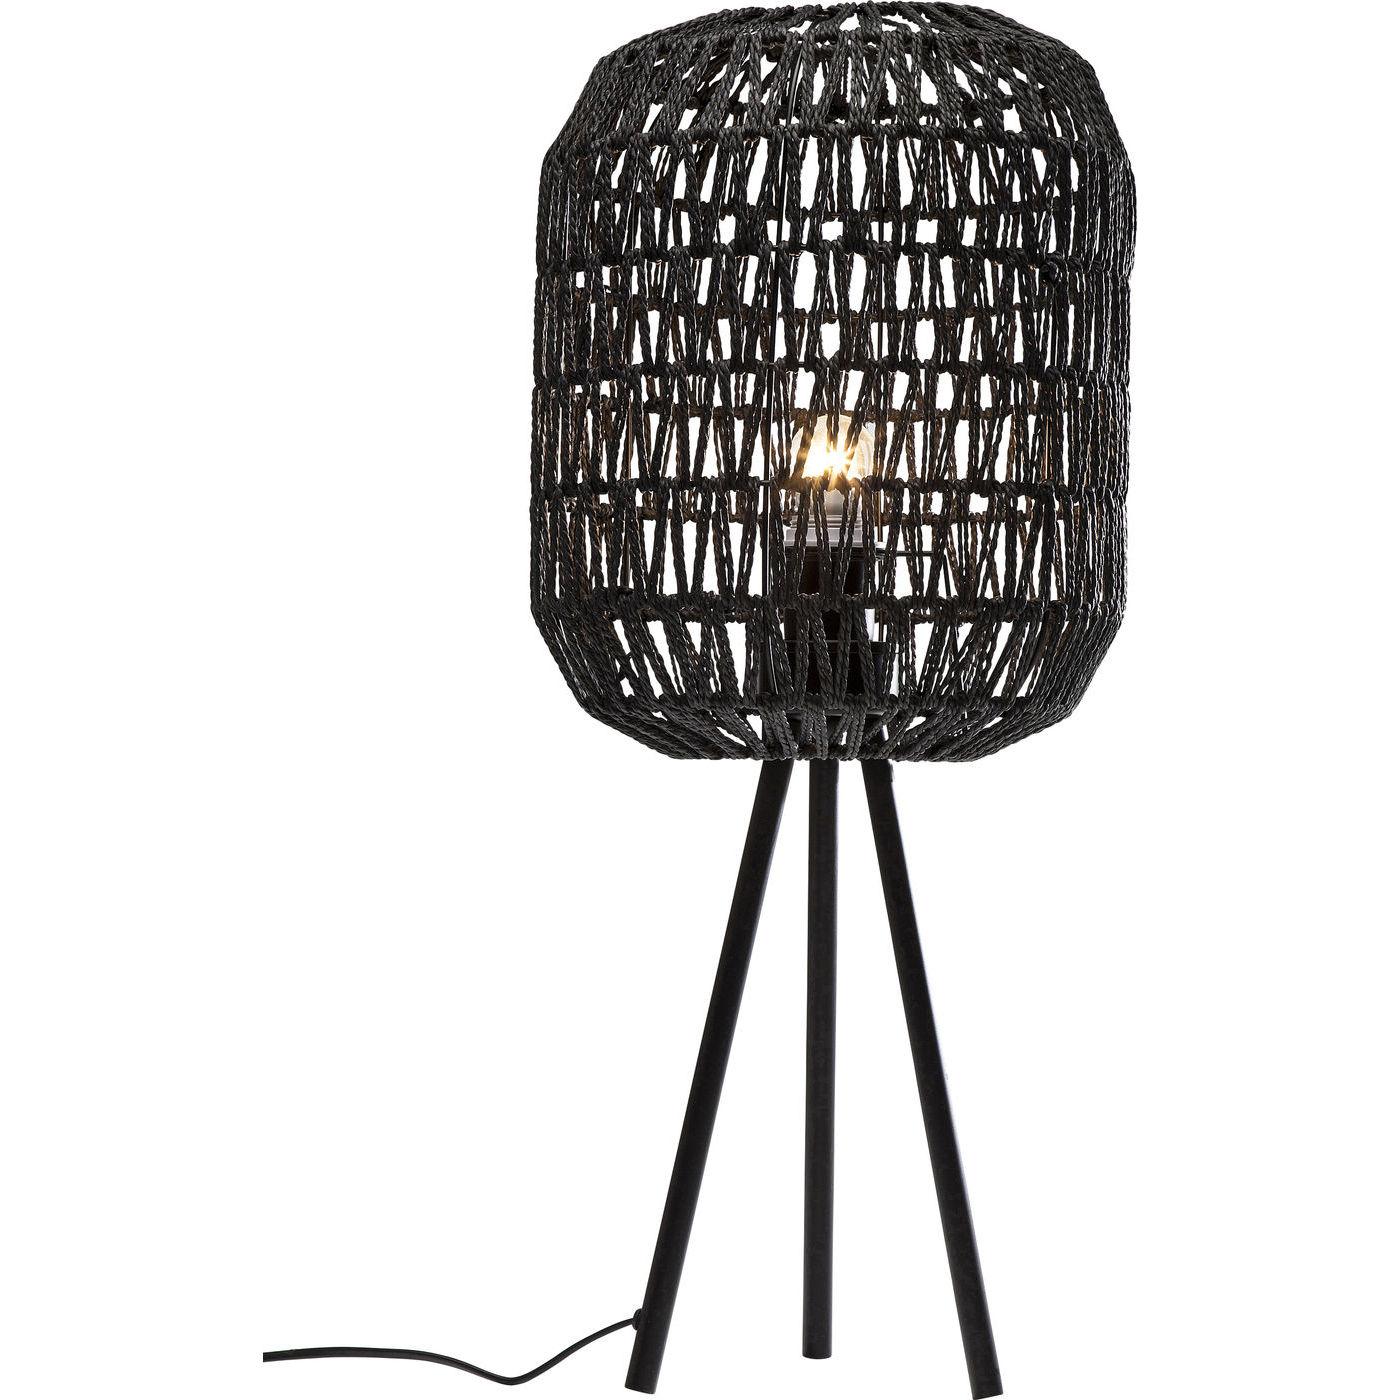 Tischlampe lampe leuchte nachttischlampe tischleuchte for Kare design tischlampe